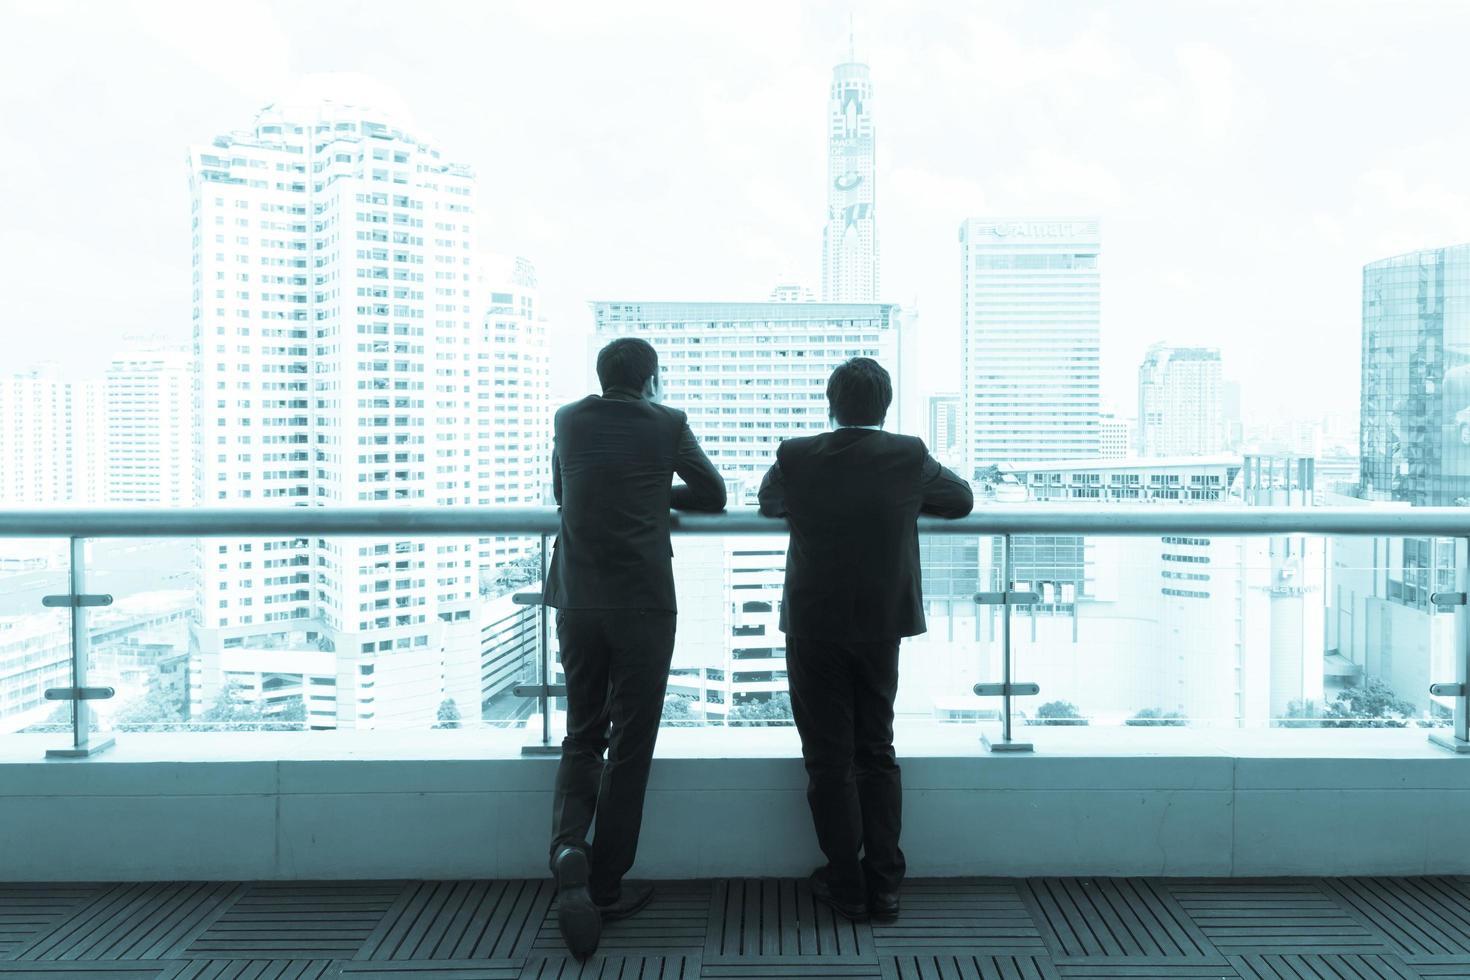 deux hommes d'affaires parlant sur un toit et regardant la ville. photo